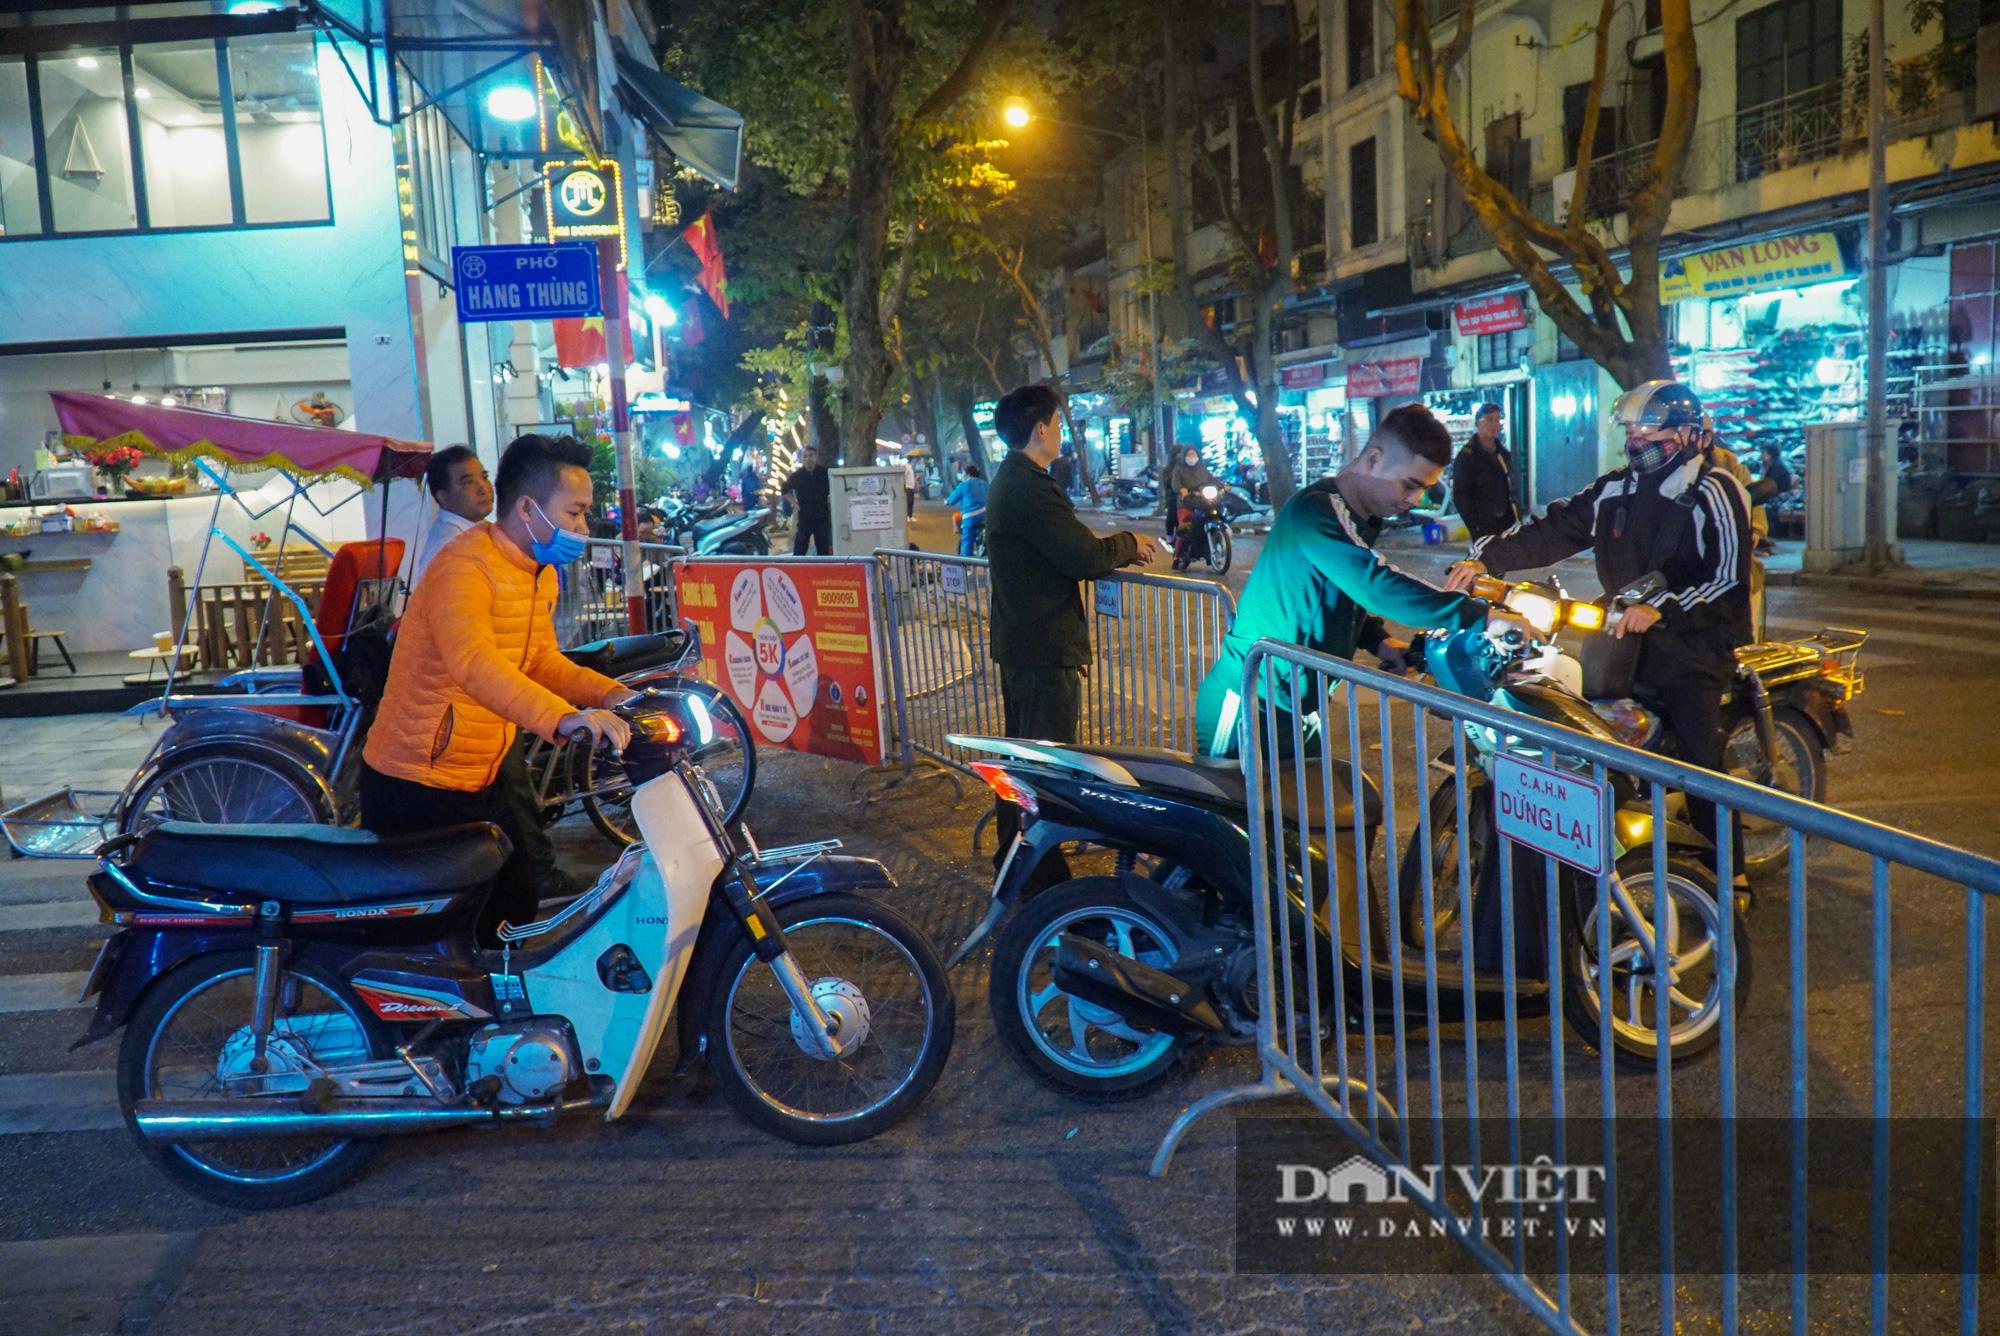 Dân phố cổ cảm thấy bất tiện khi Hà Nội mở rộng thêm 8 tuyến phố đi bộ - Ảnh 1.